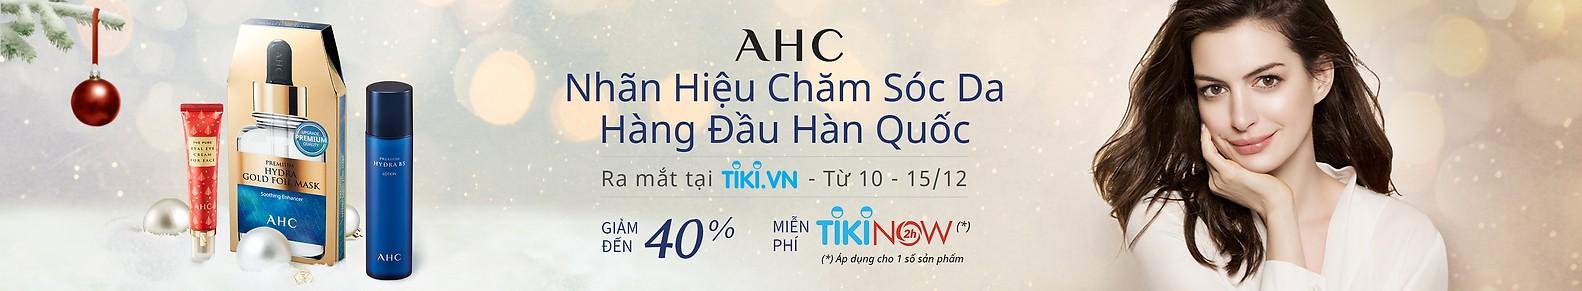 AHC - Nhãn hiệu chăm sóc da hàng đầu Hàn QUốc ưu đãi đến 40%